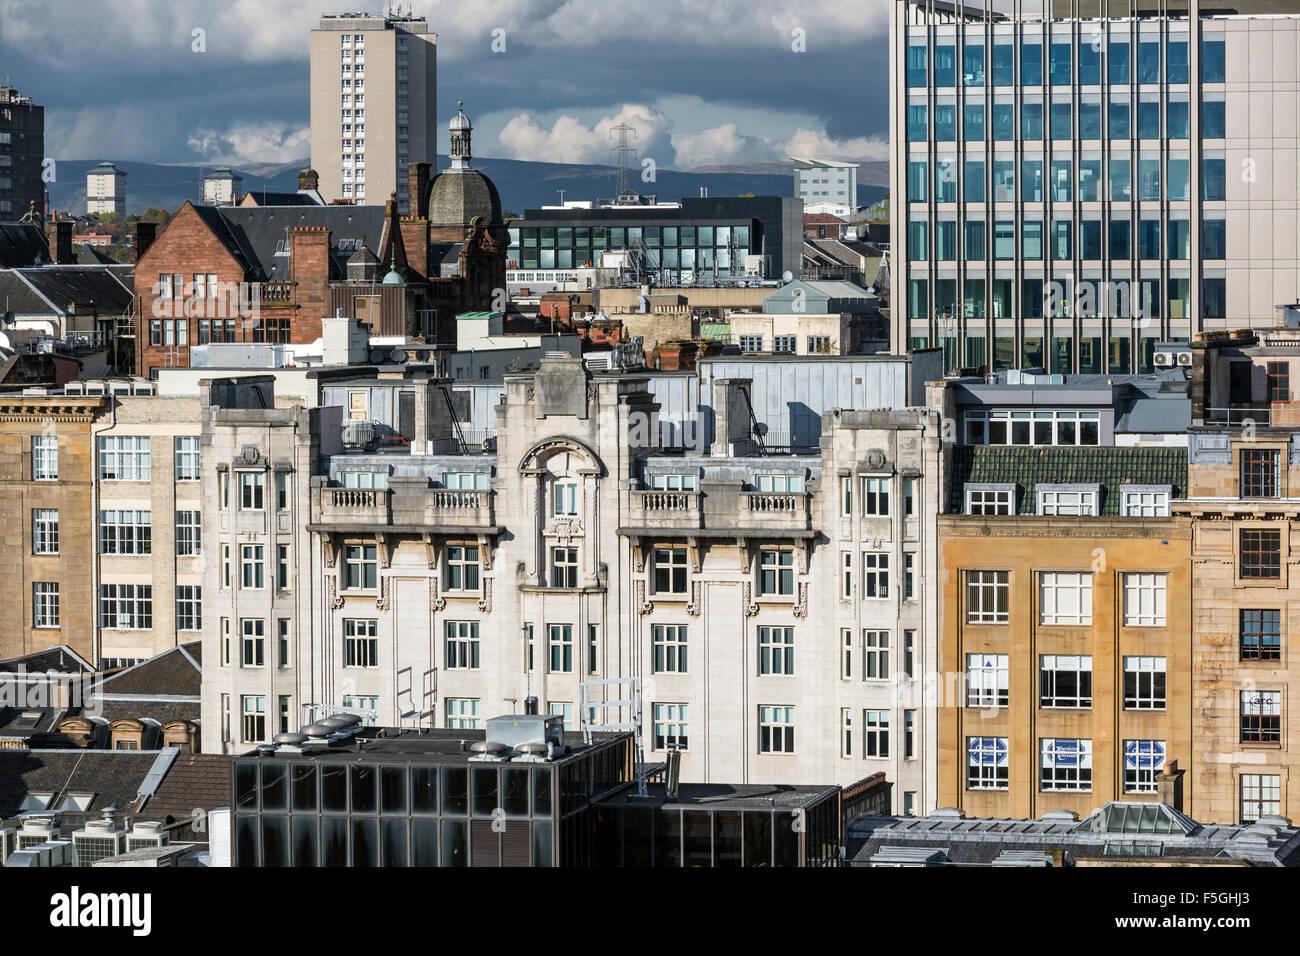 Vue sur les toits du centre-ville de Glasgow, Écosse, Royaume-Uni Banque D'Images